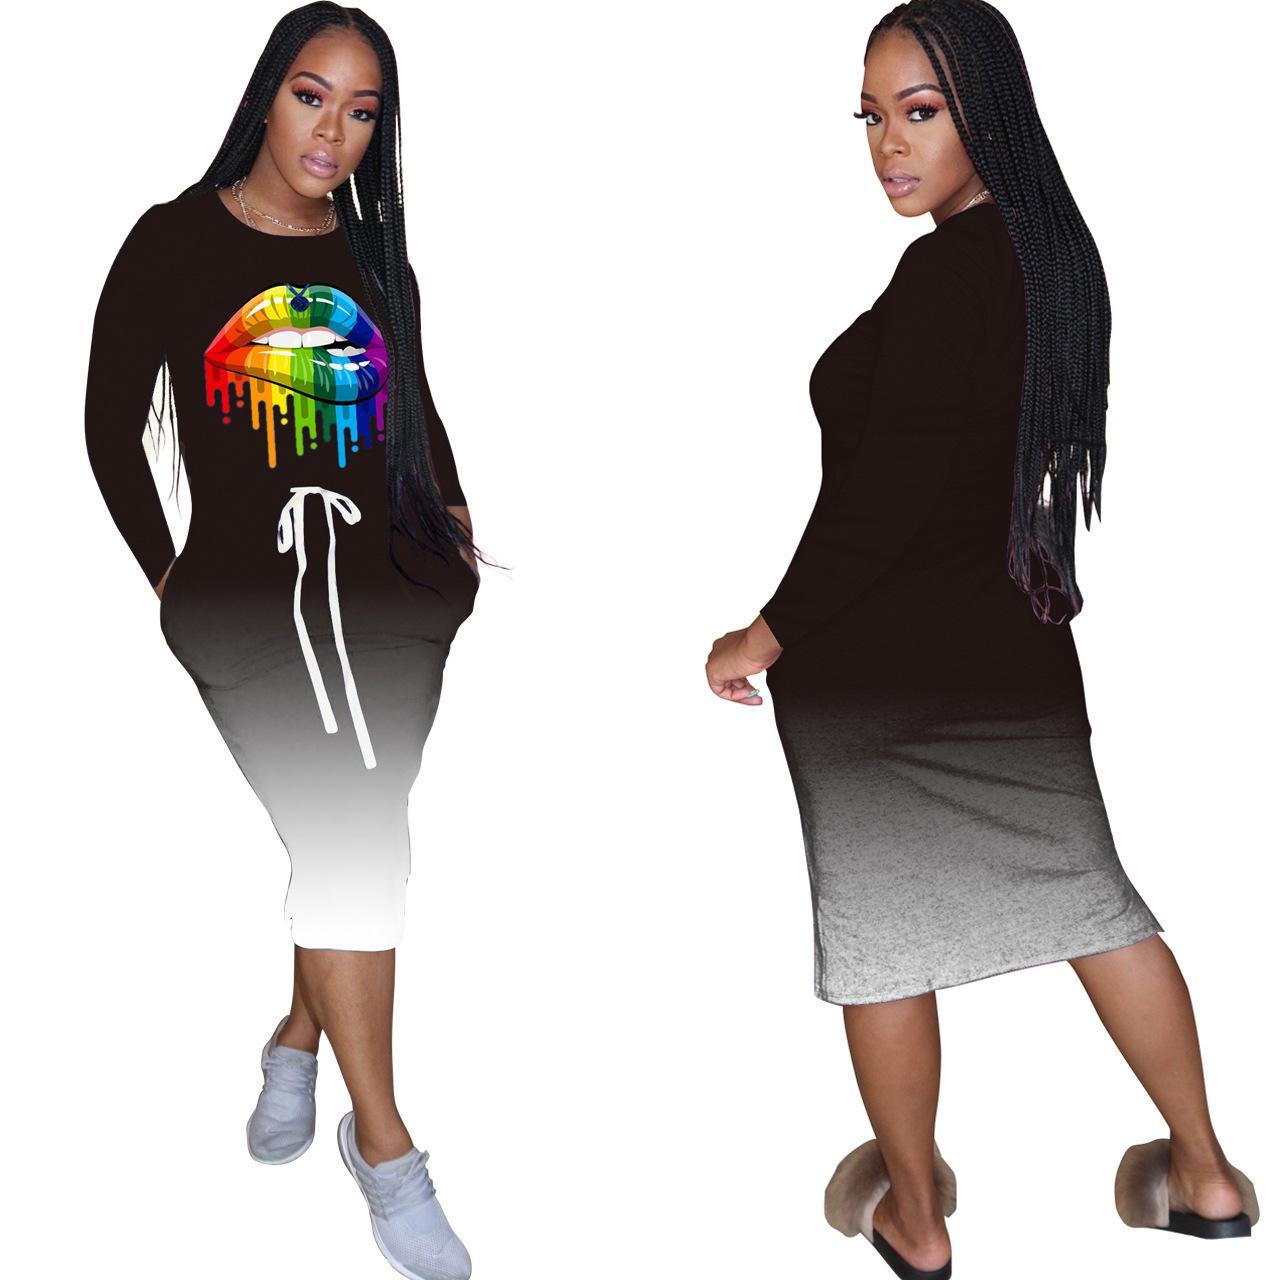 캐주얼 드레스 그라데이션 입 2020 년 가을 드레스 졸라 매는 끈 여성 크루 넥 전체 슬리브 Vestidos 캐주얼 포켓 클럽 파티 드레스를 인쇄 여자